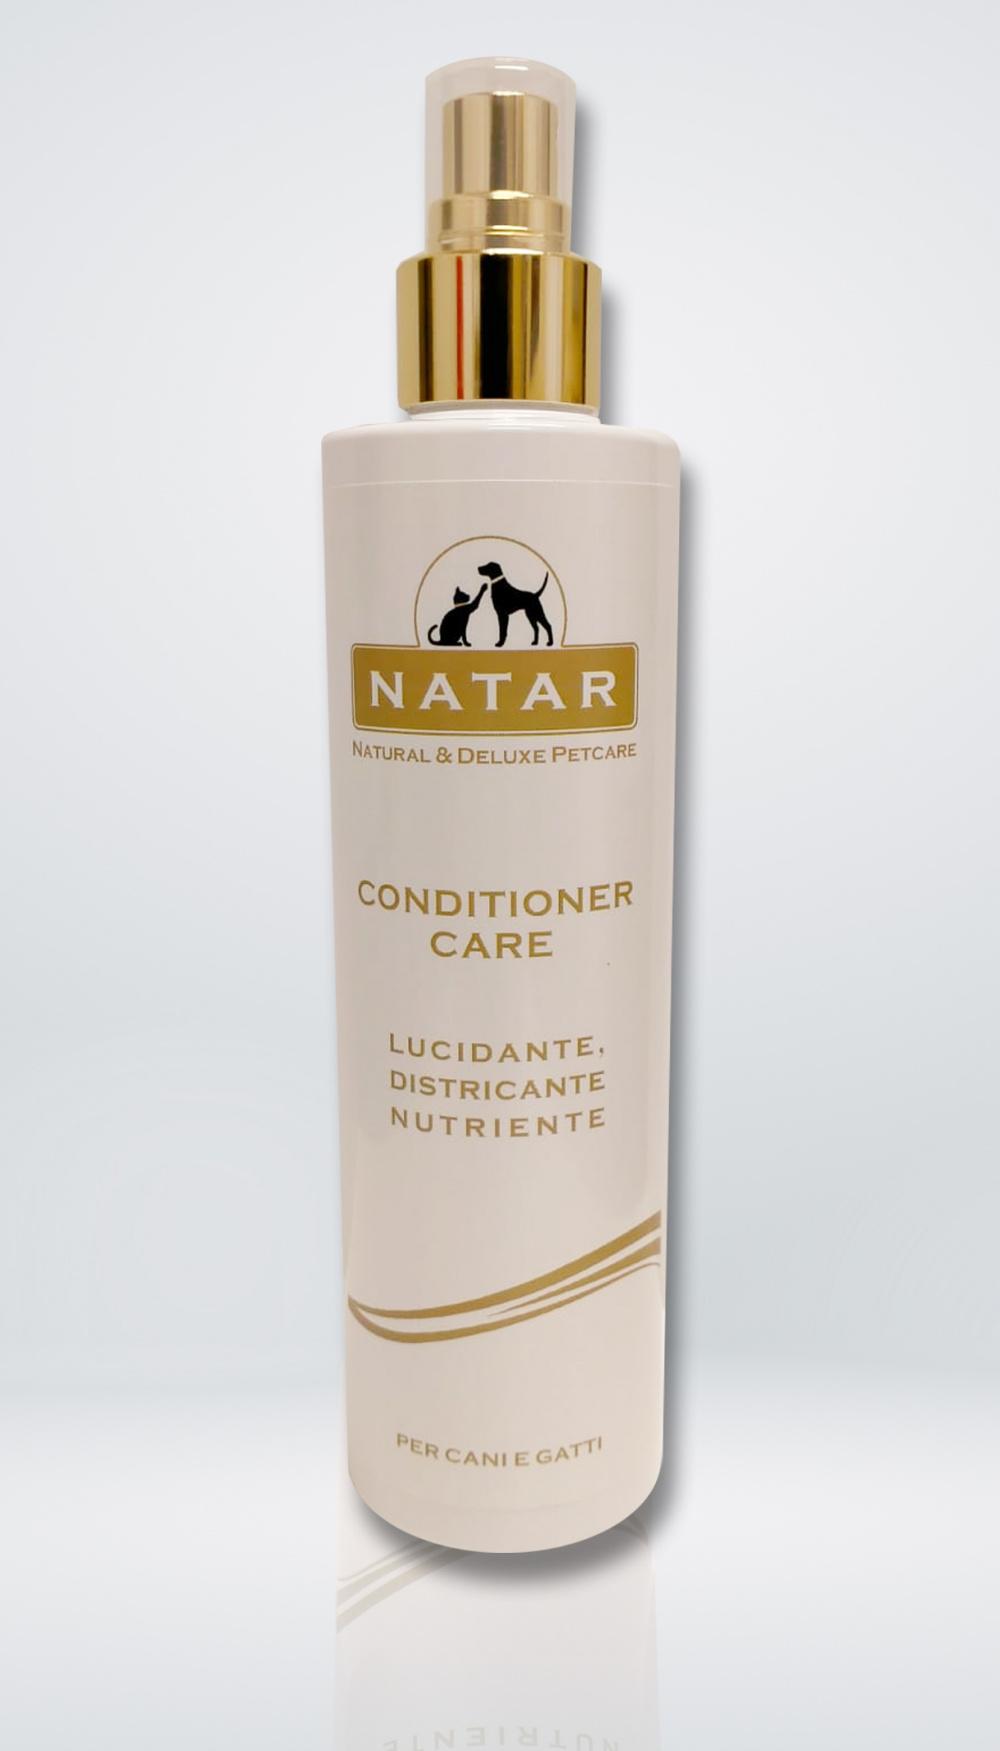 Natar Conditioner Care Spray per cani